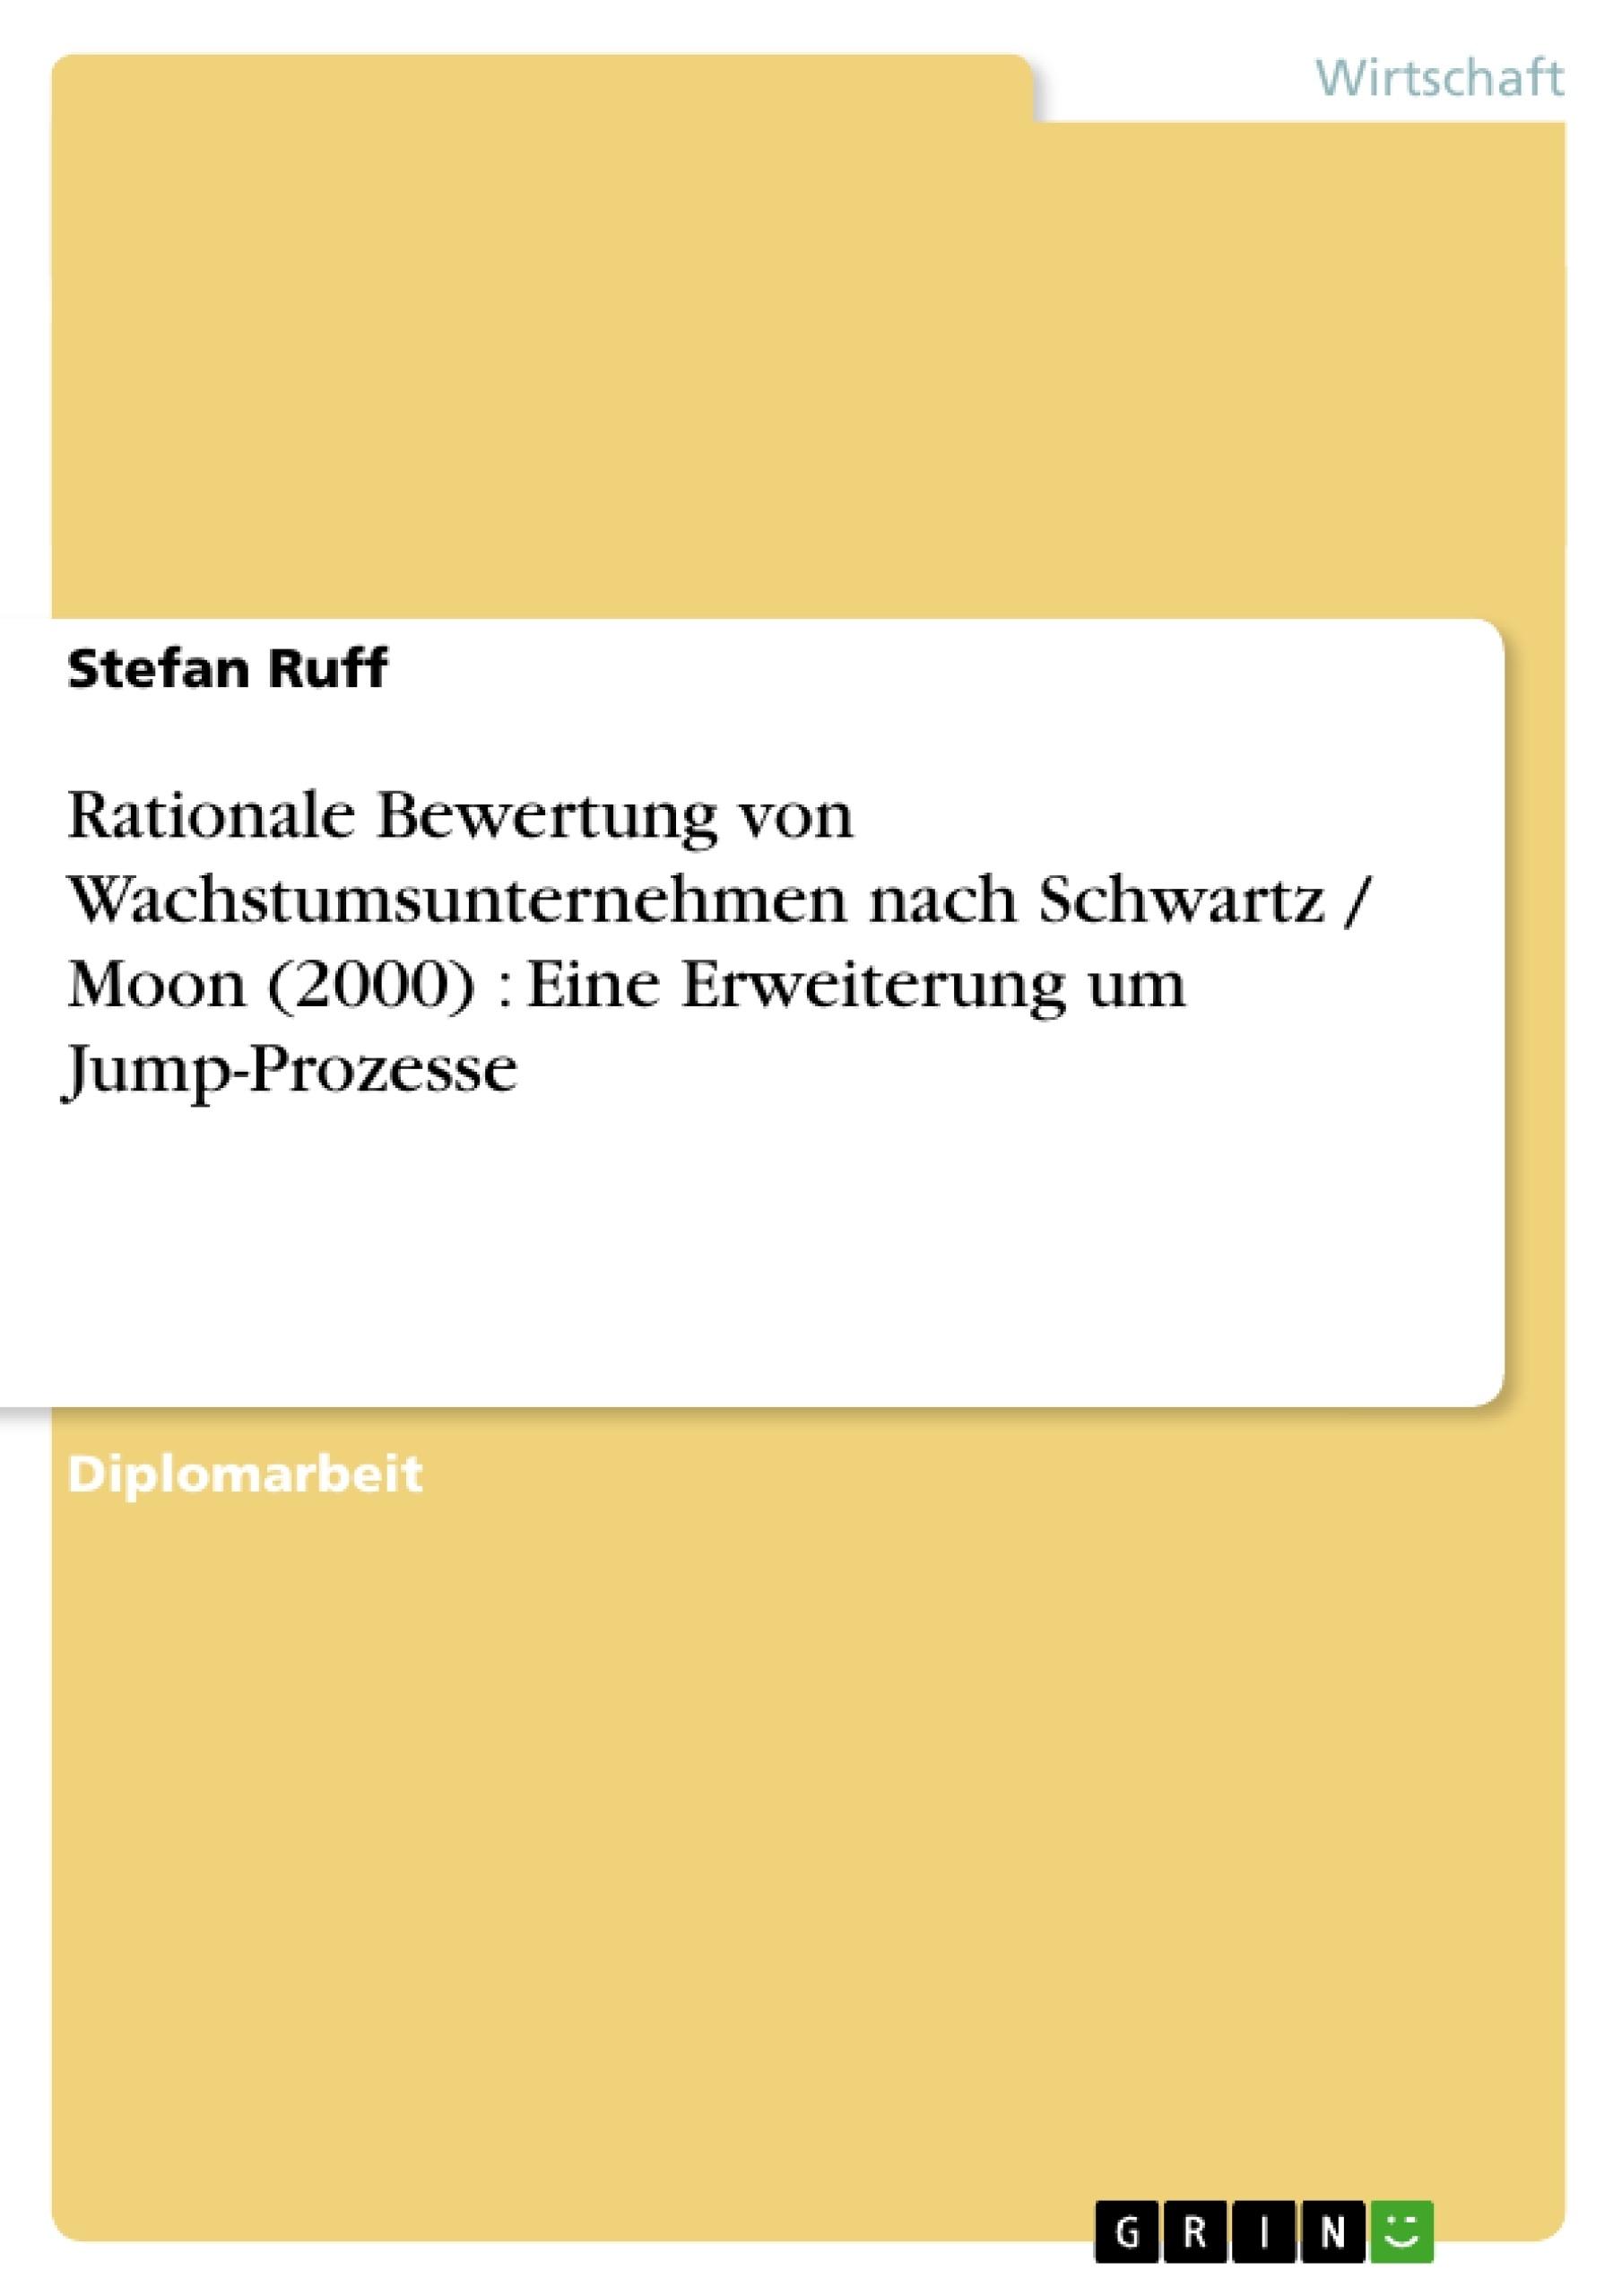 Titel: Rationale Bewertung von Wachstumsunternehmen nach Schwartz / Moon (2000) : Eine Erweiterung um Jump-Prozesse